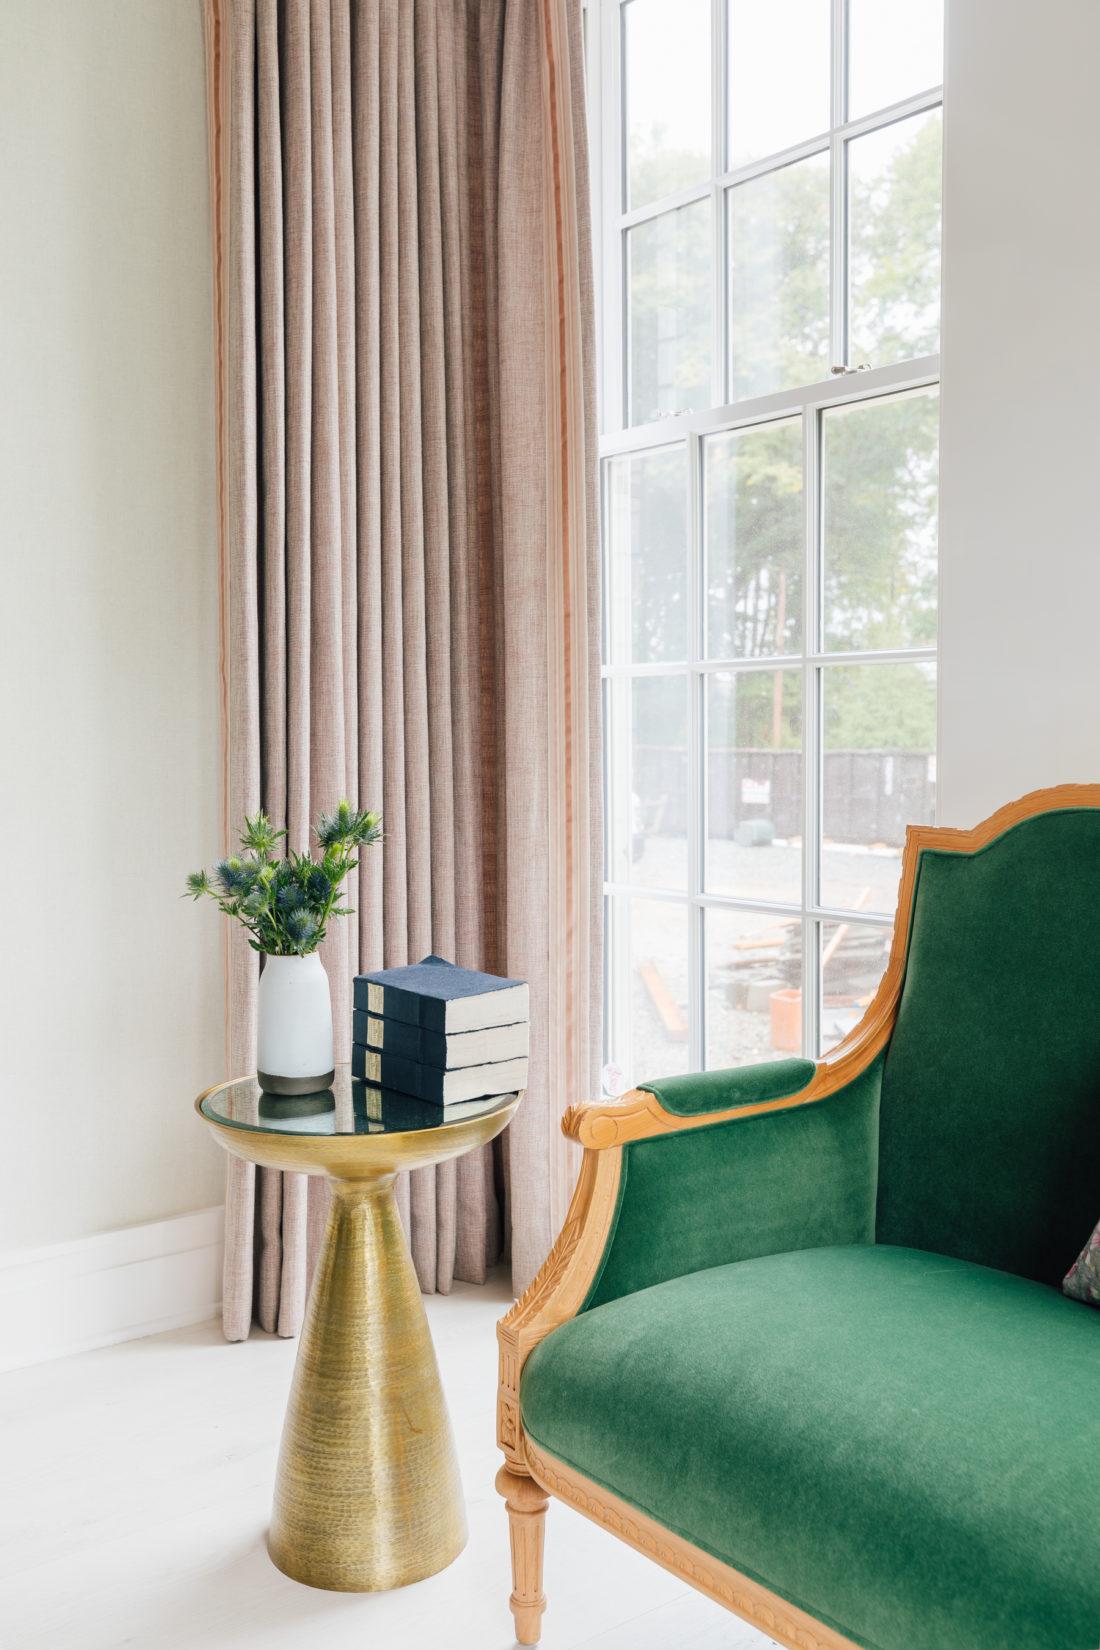 Eva Amurri's Connecticut dining room featuring Schumacher curtain fabric